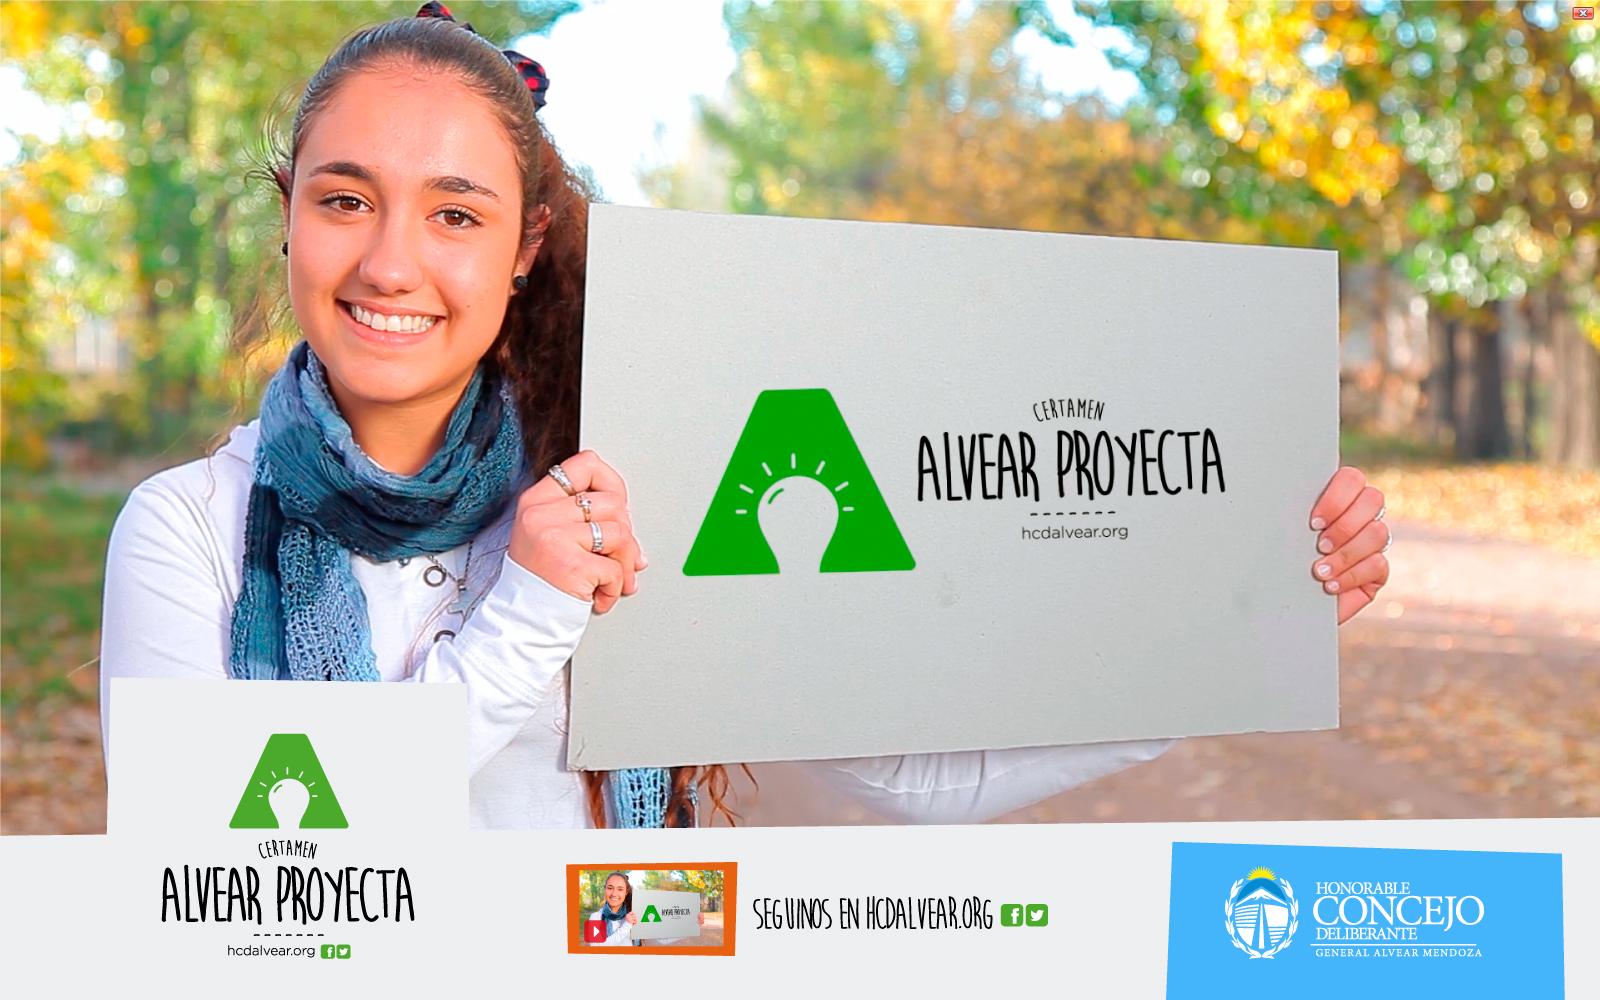 EL CONCEJO INVITA A LOS JÓVENES AL CERTAMEN: #ALVEARPROYECTA